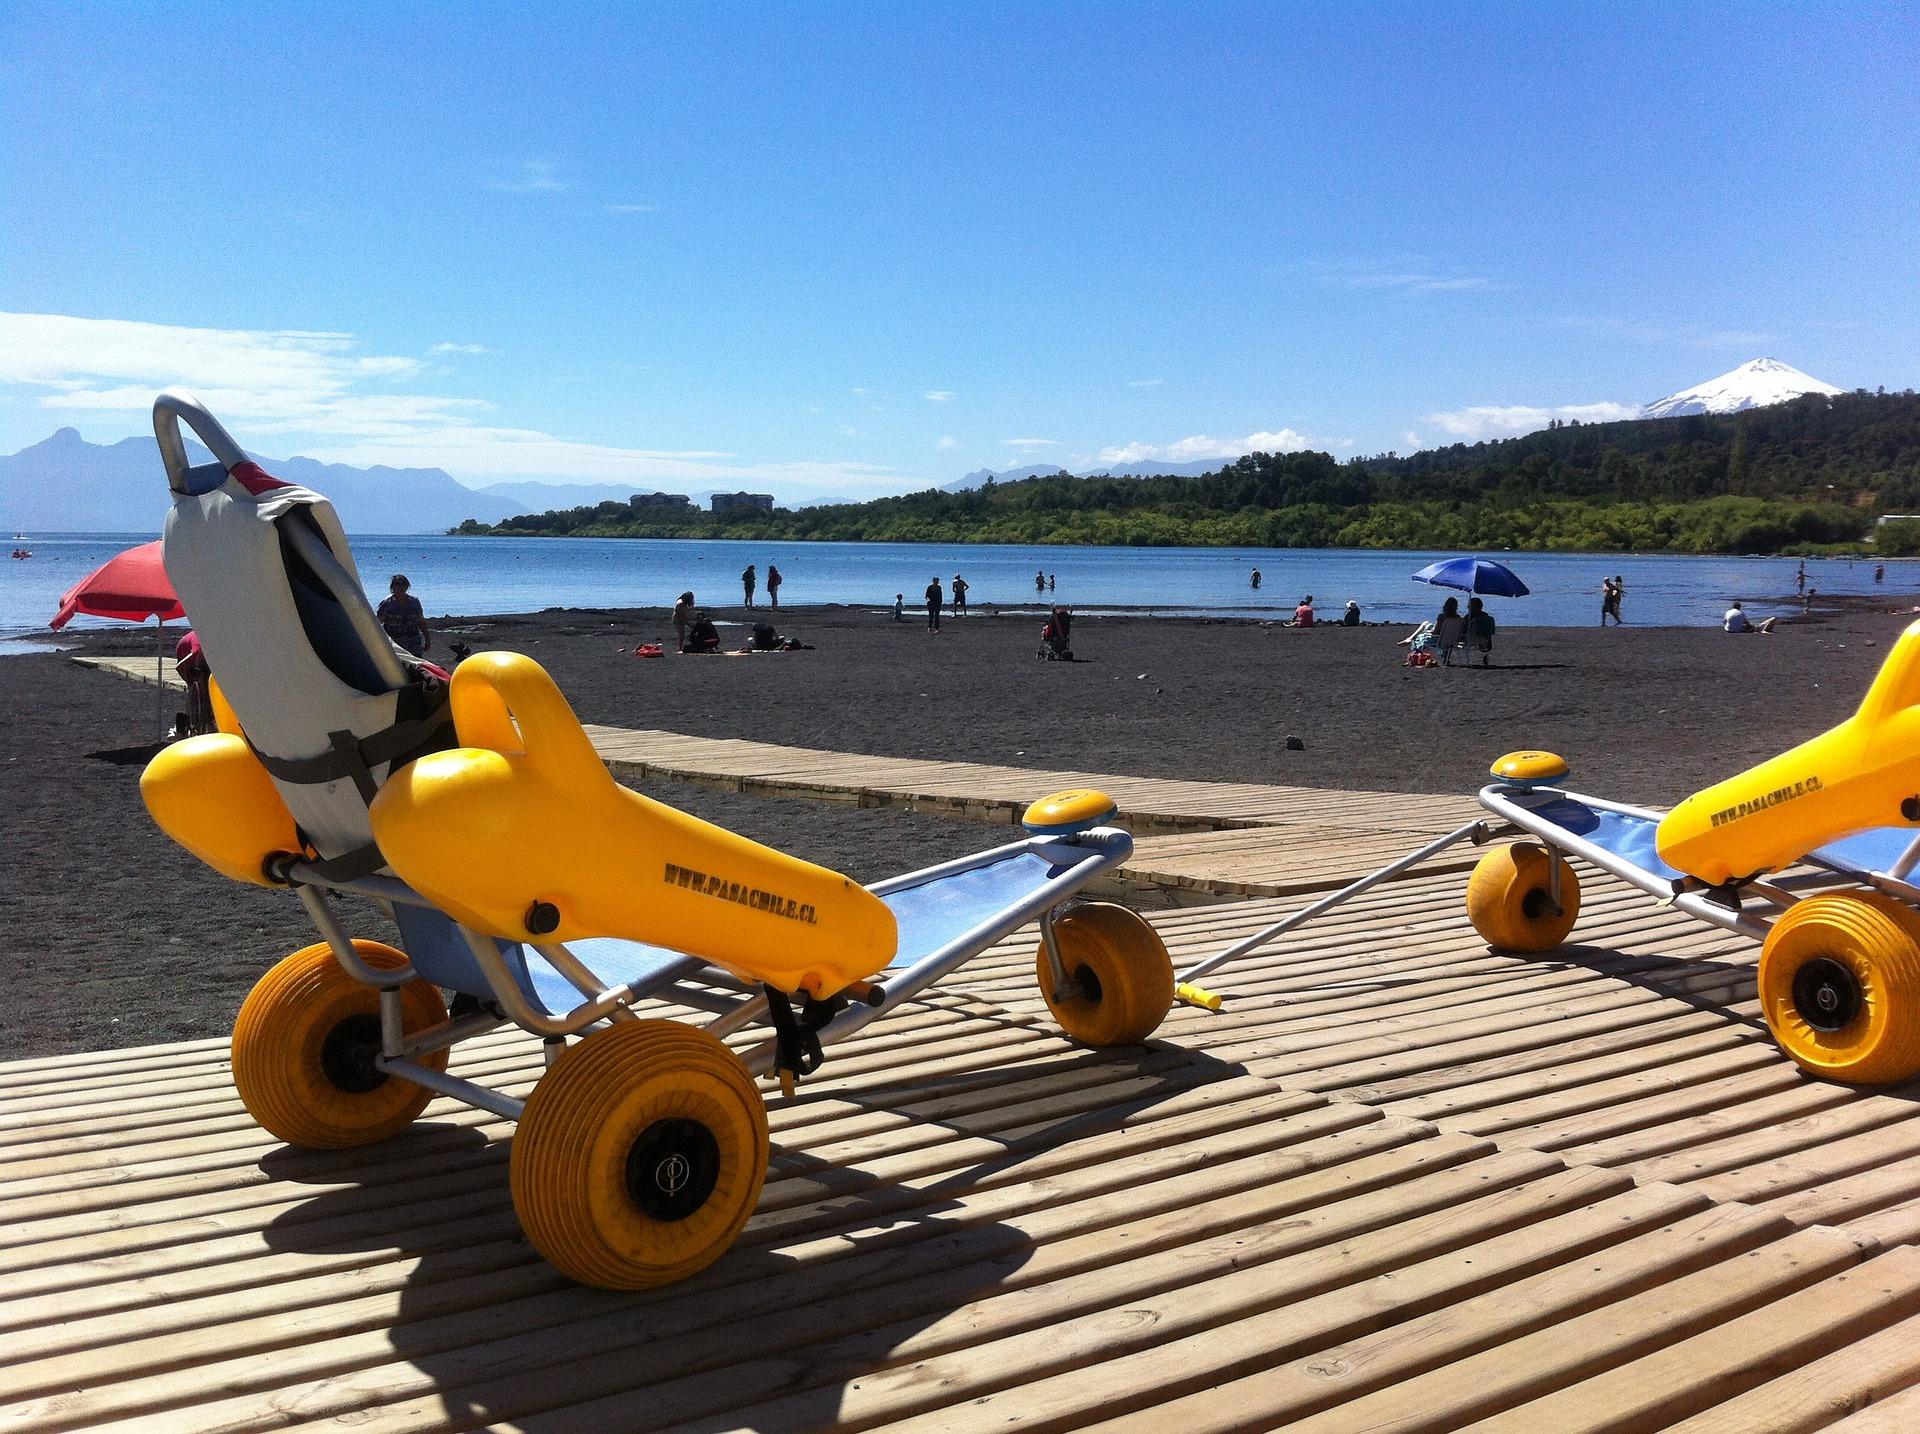 Sillas anfibias accesibles en playa